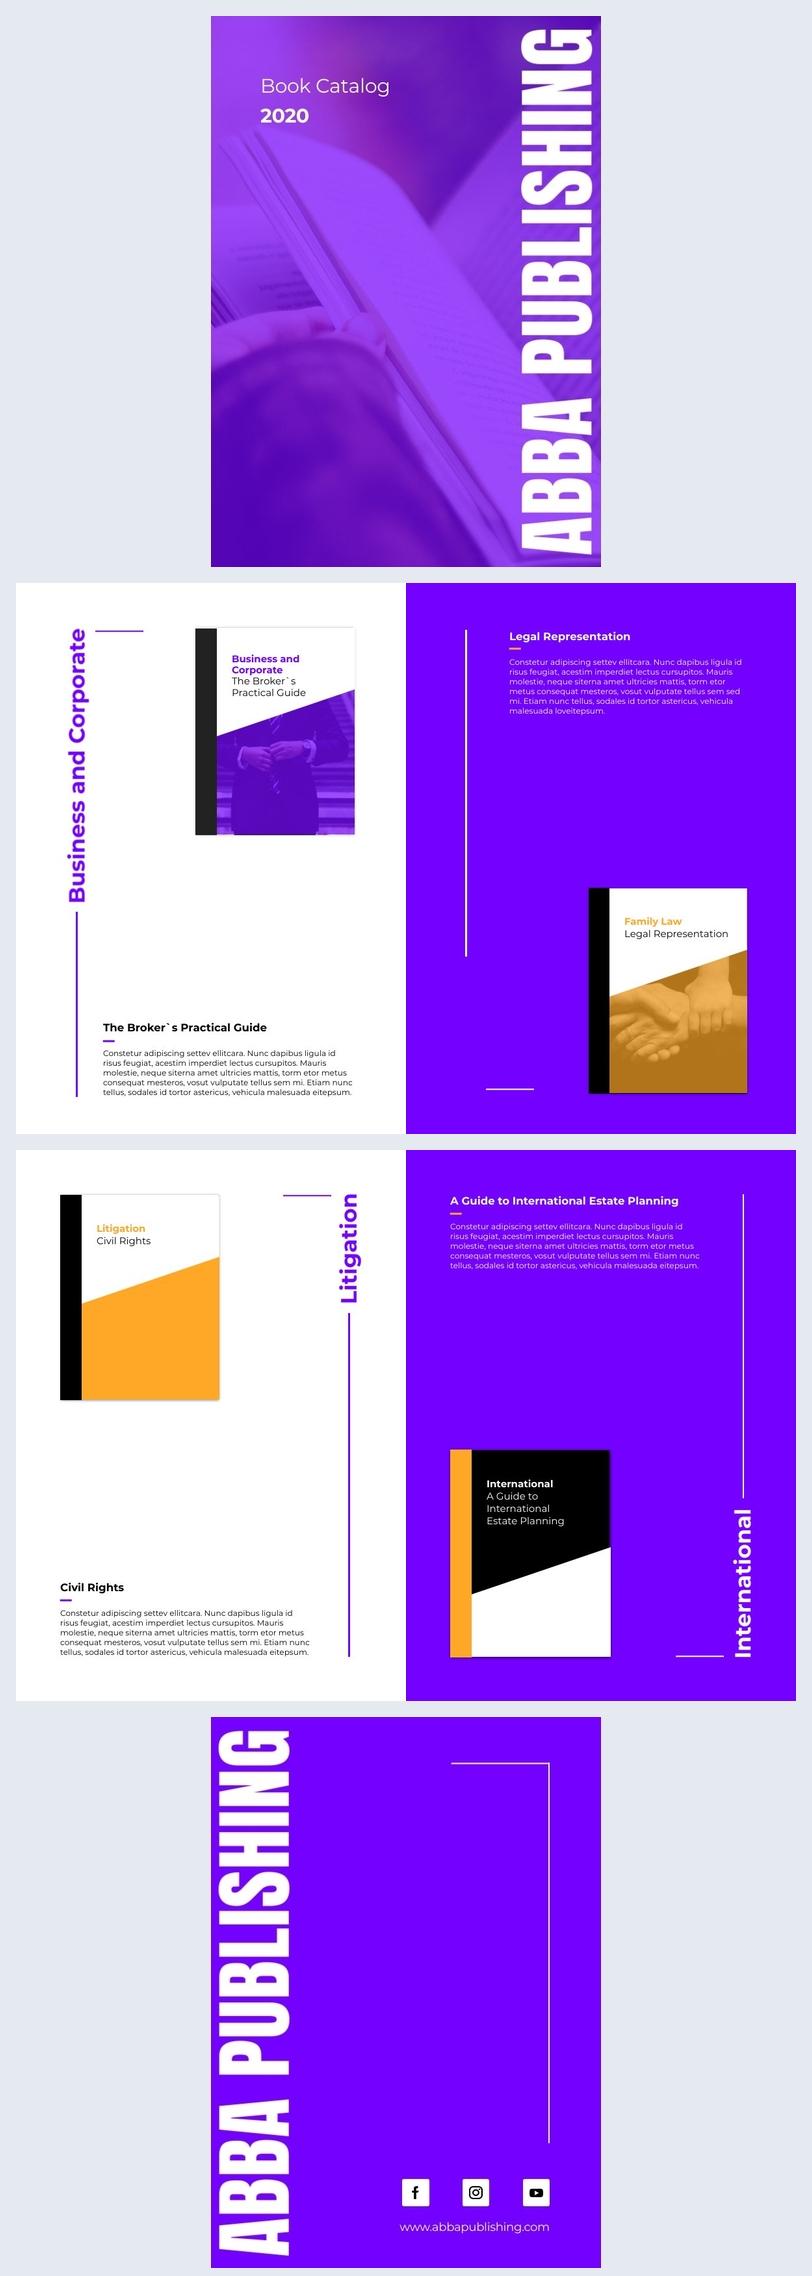 Boekpresentatie Catalogus Ontwerp Voorbeeld